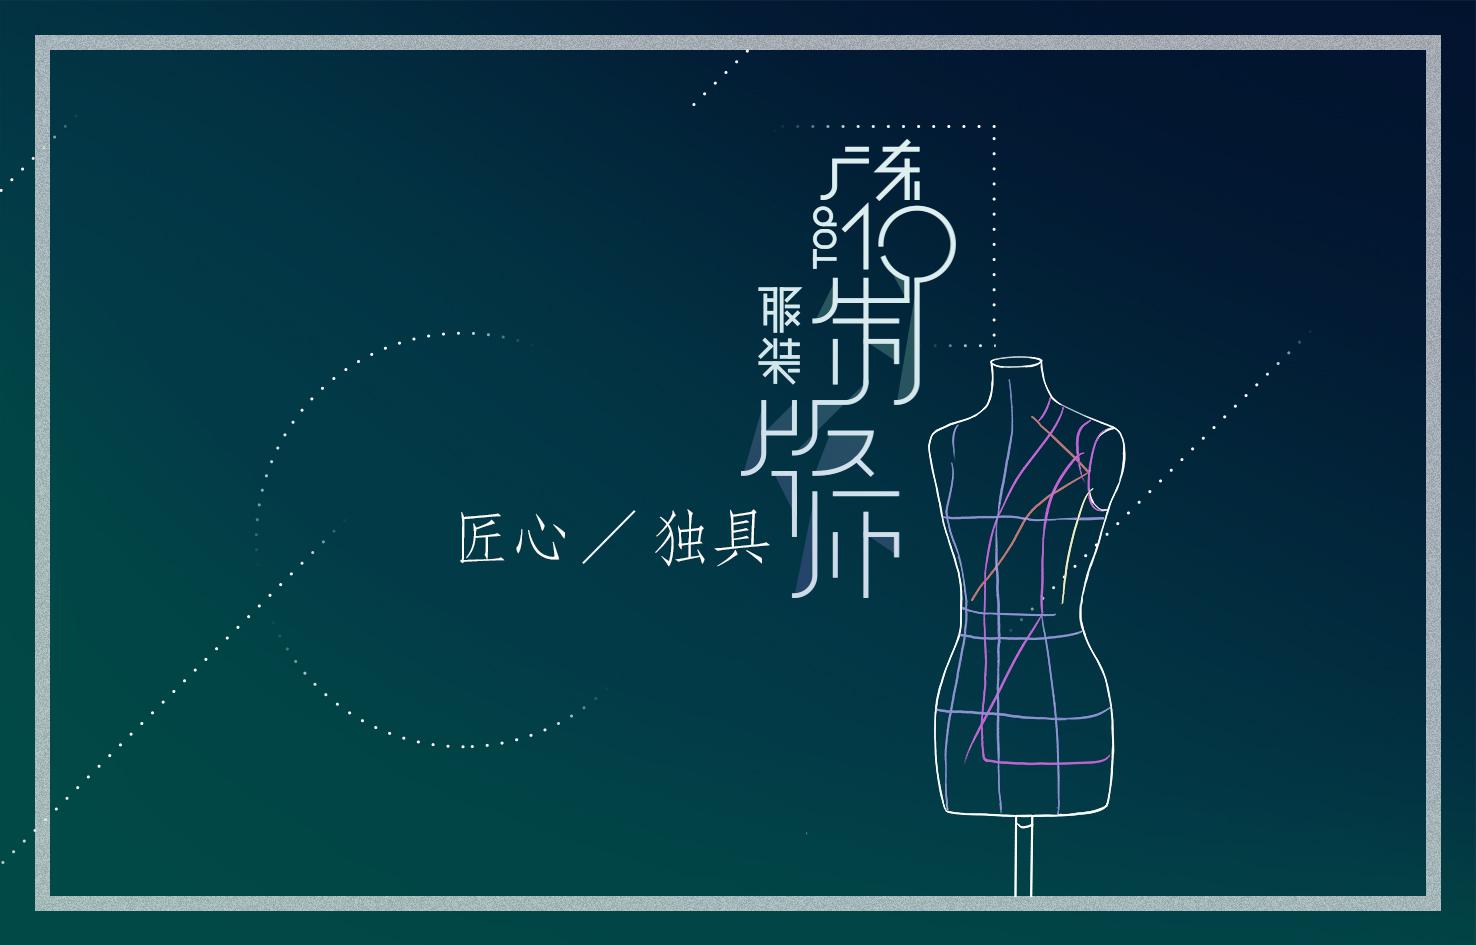 服装制版师_2017广东十佳服装制版师大赛征稿-2017其他服装设计大赛-CFW服装设计